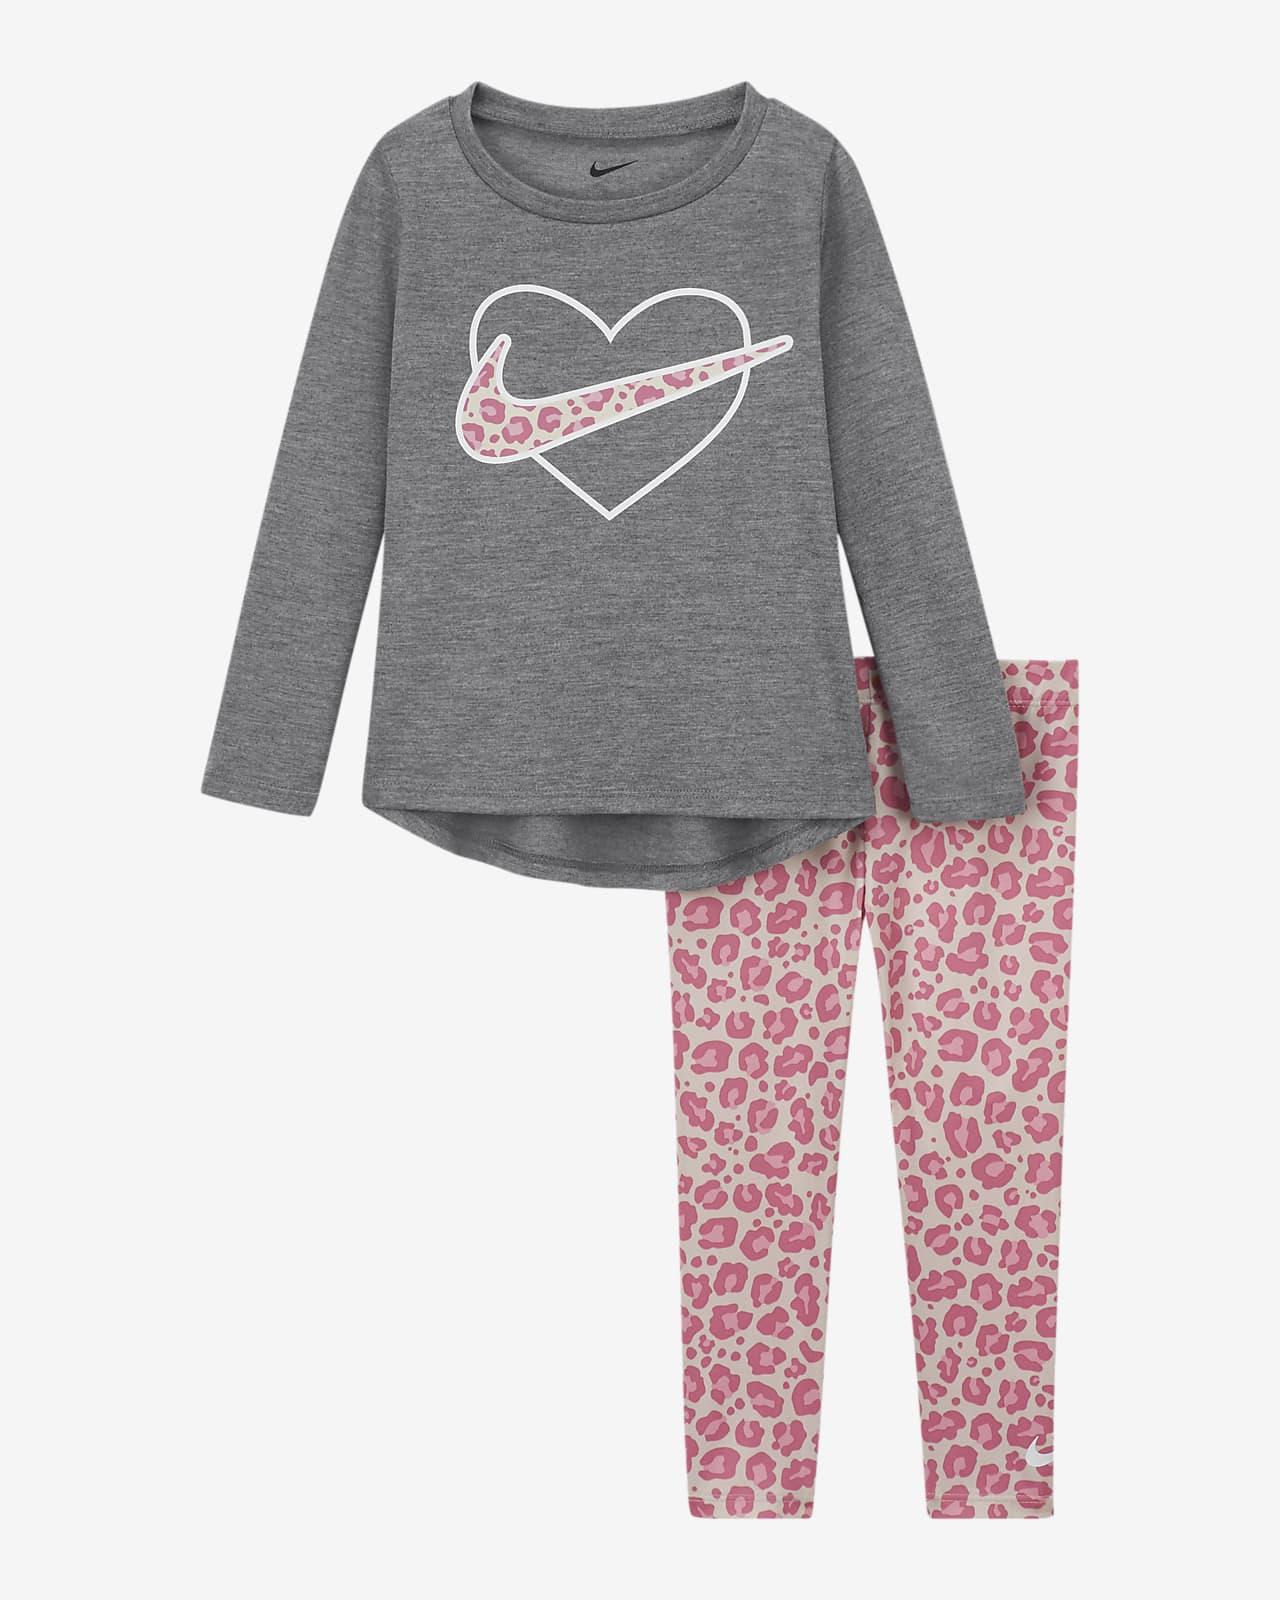 Completo con leggings e maglia Nike - Bimbi piccoli